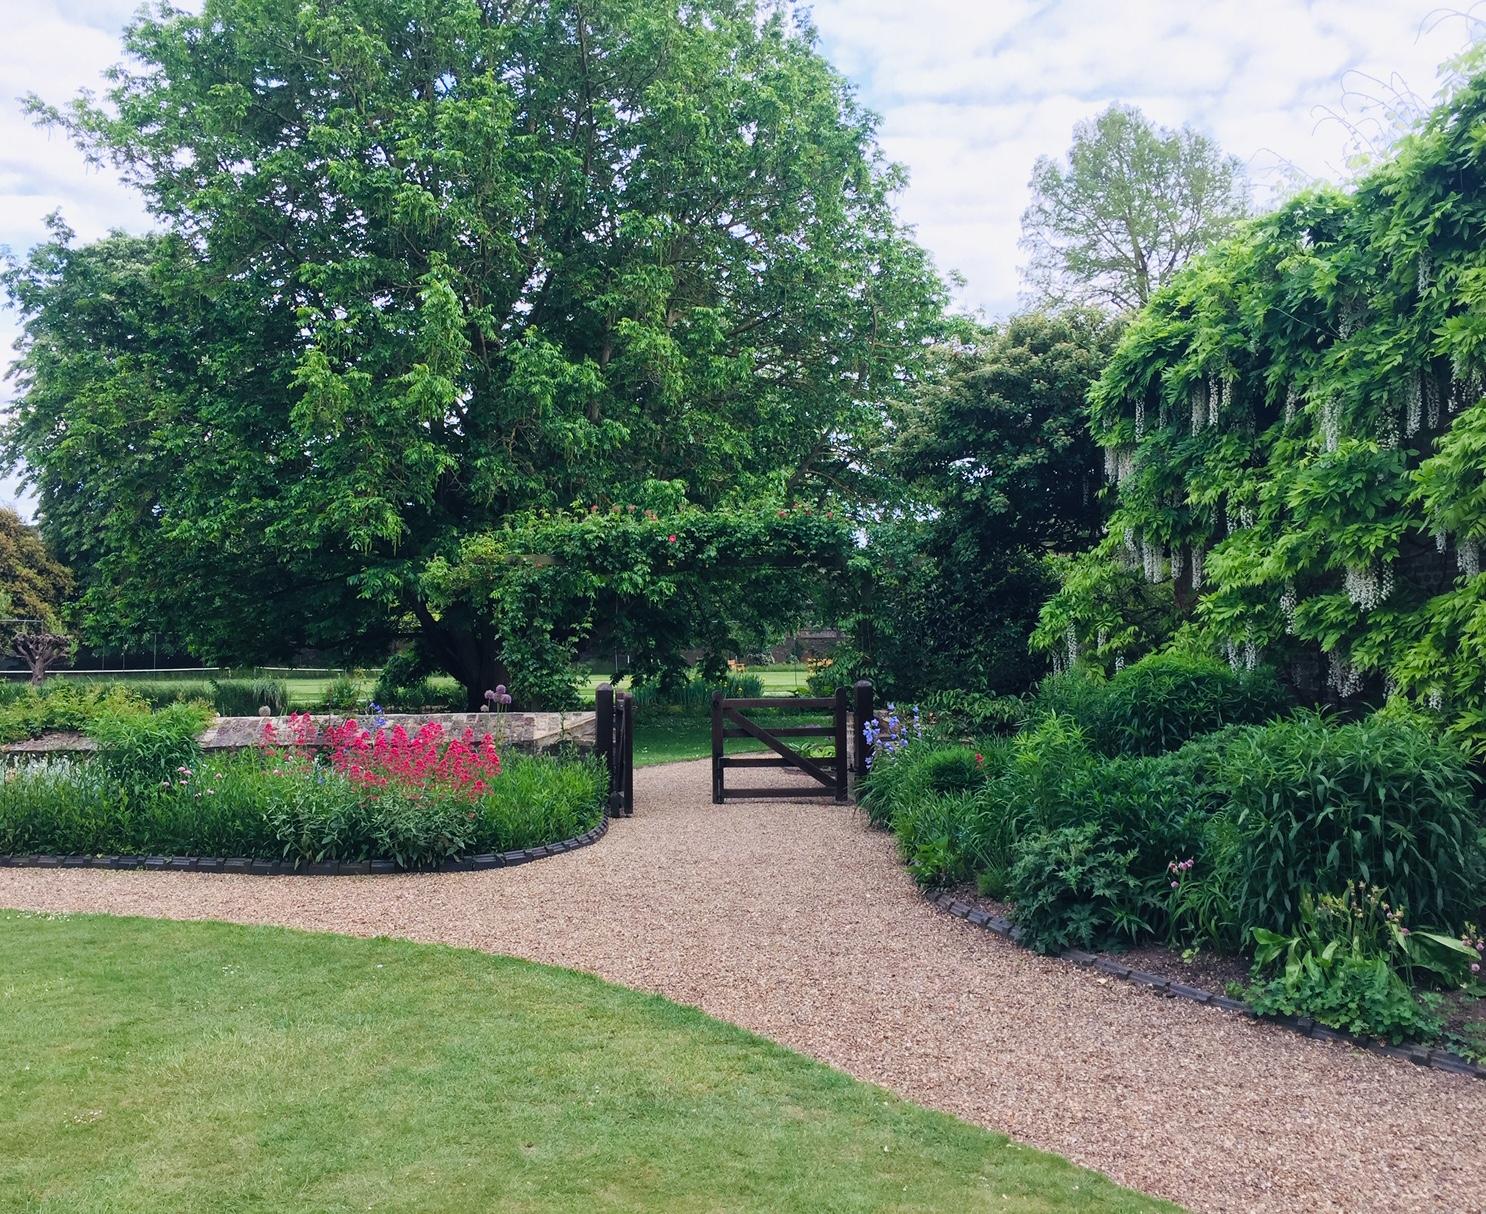 Emmanuel College grounds